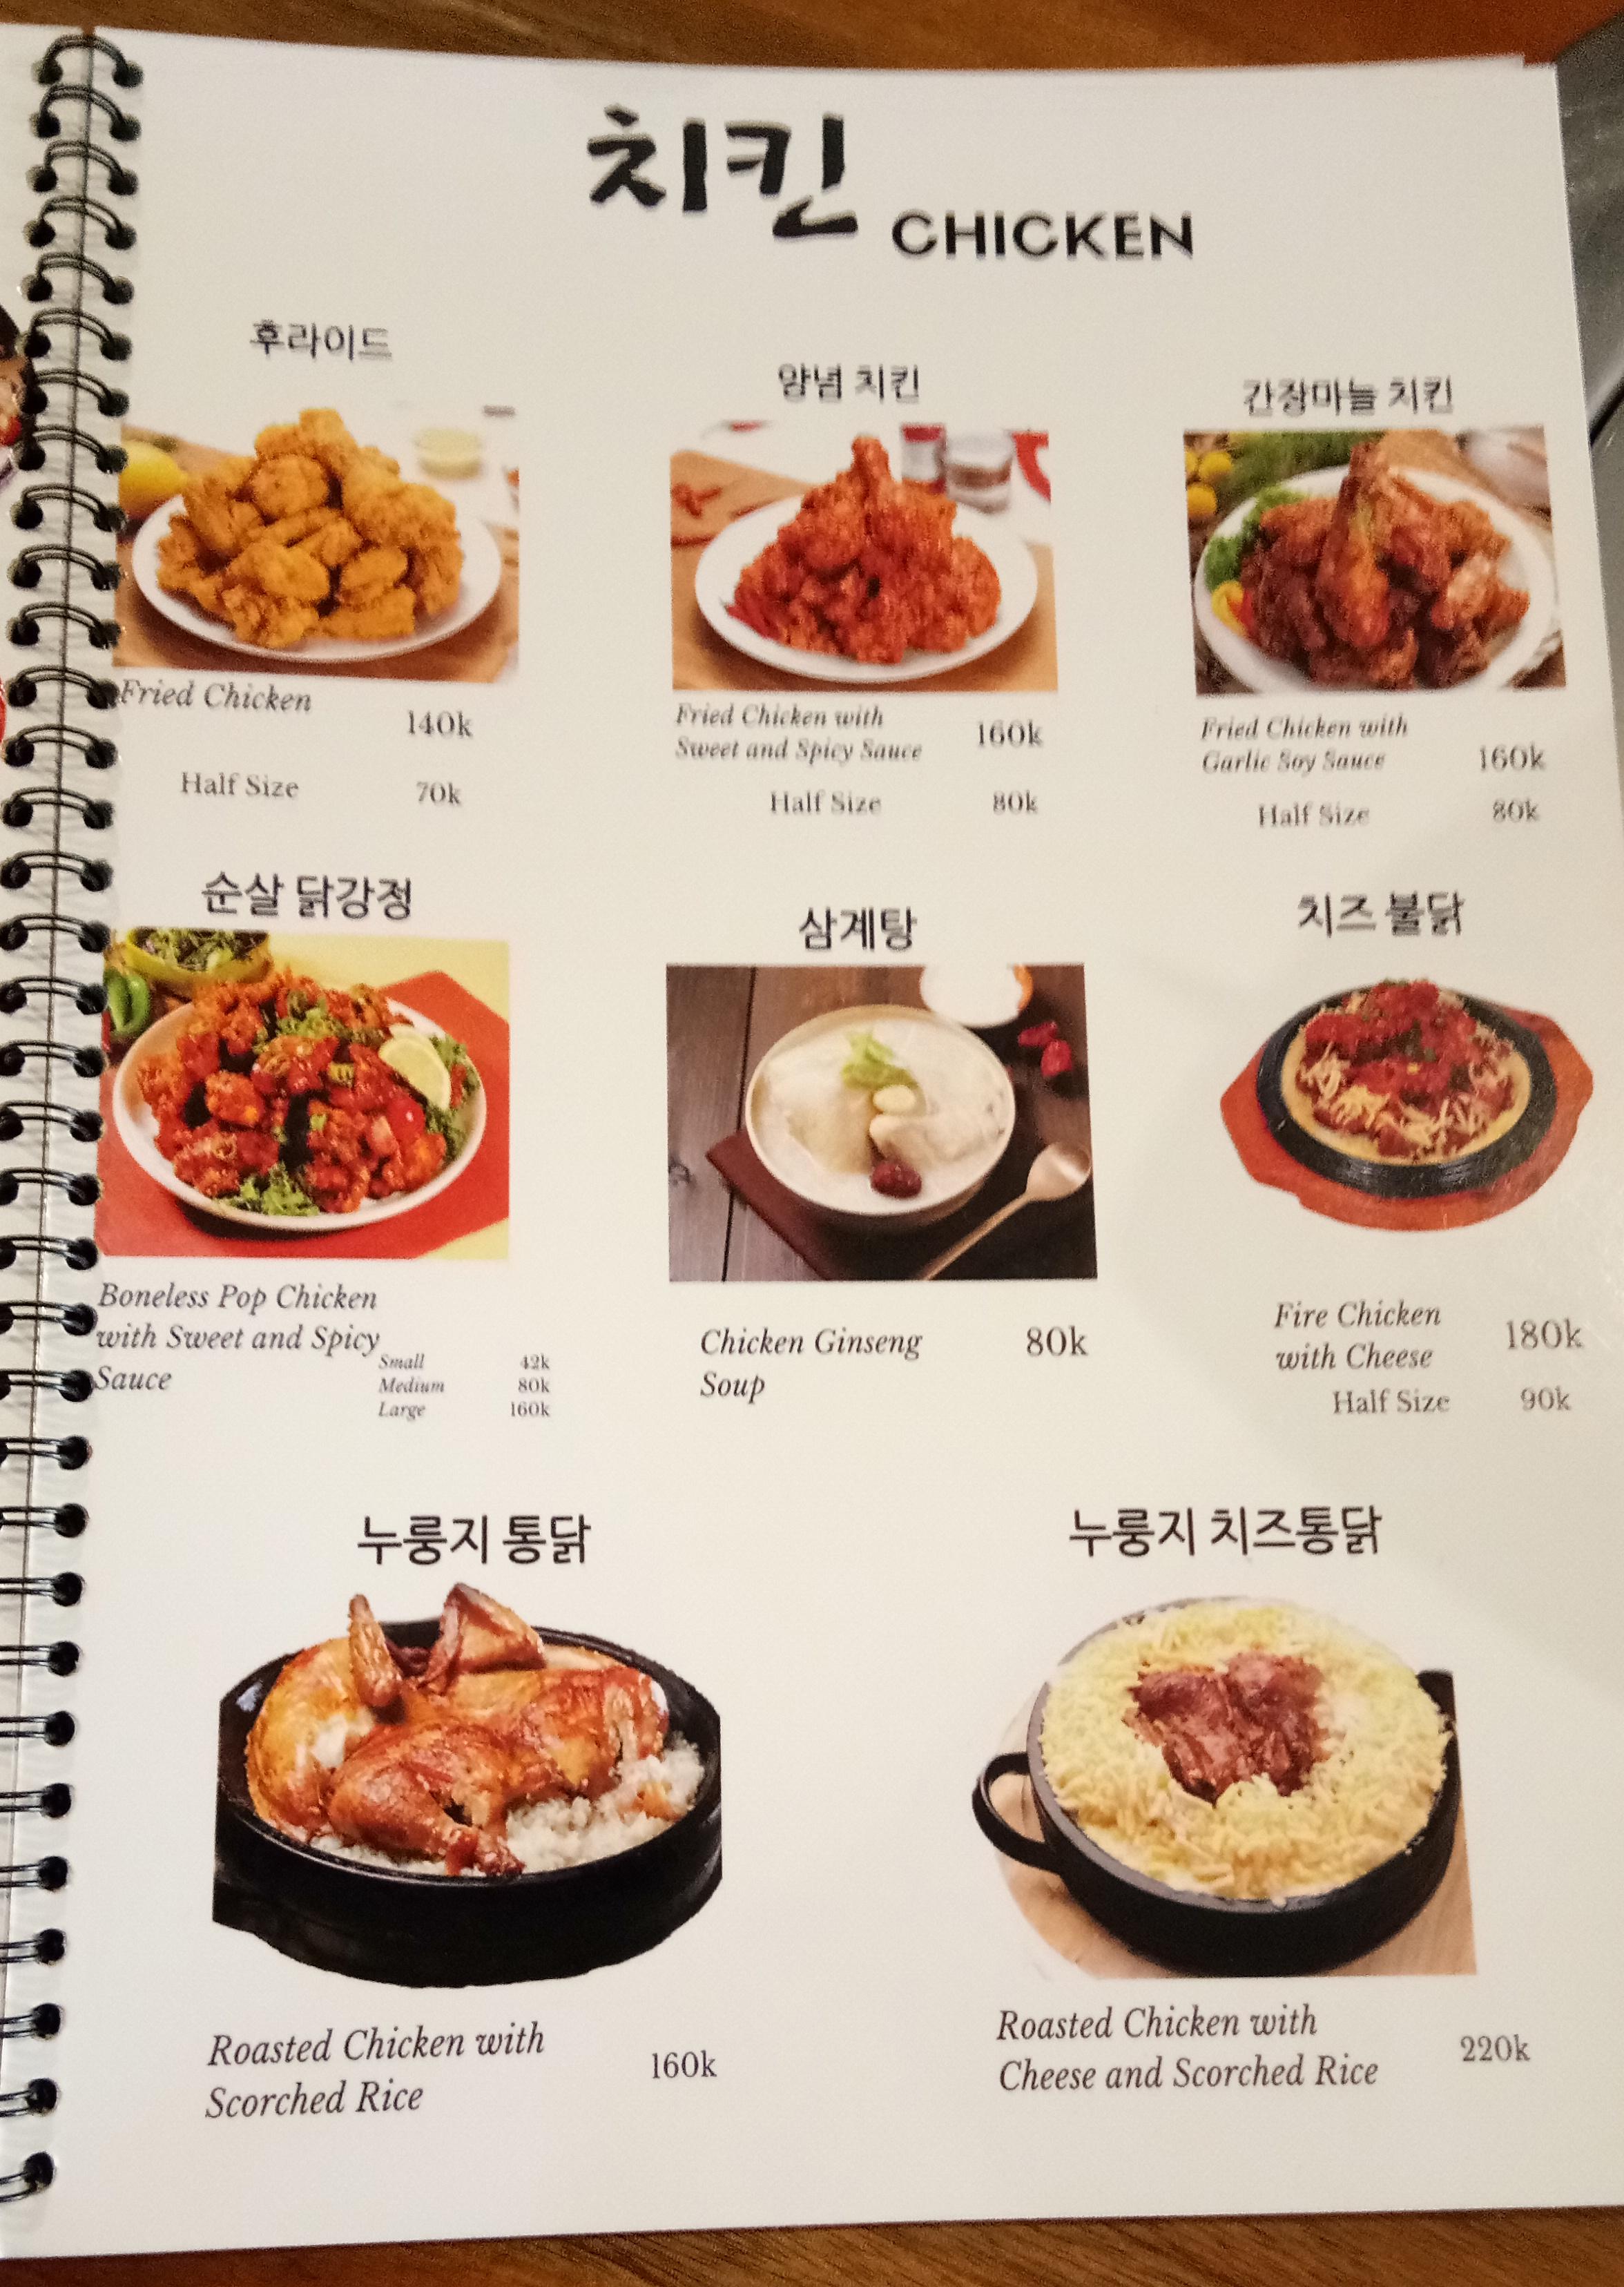 Daftar menu ahjumma kitchen